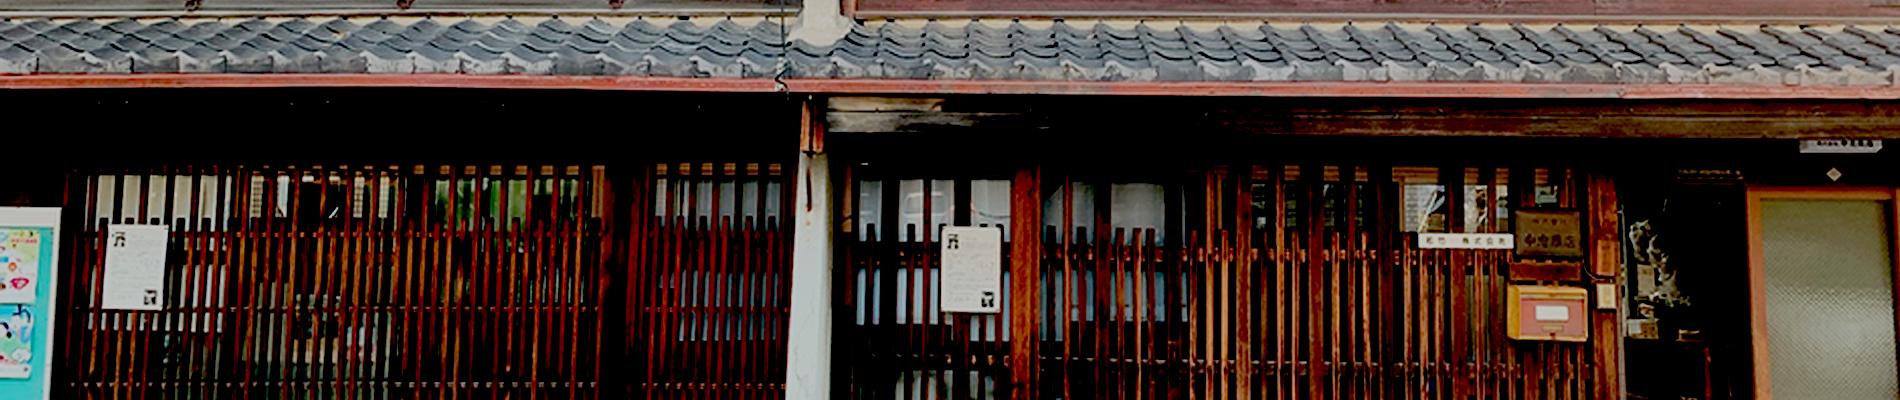 京都西陣・中村忠三郎商店